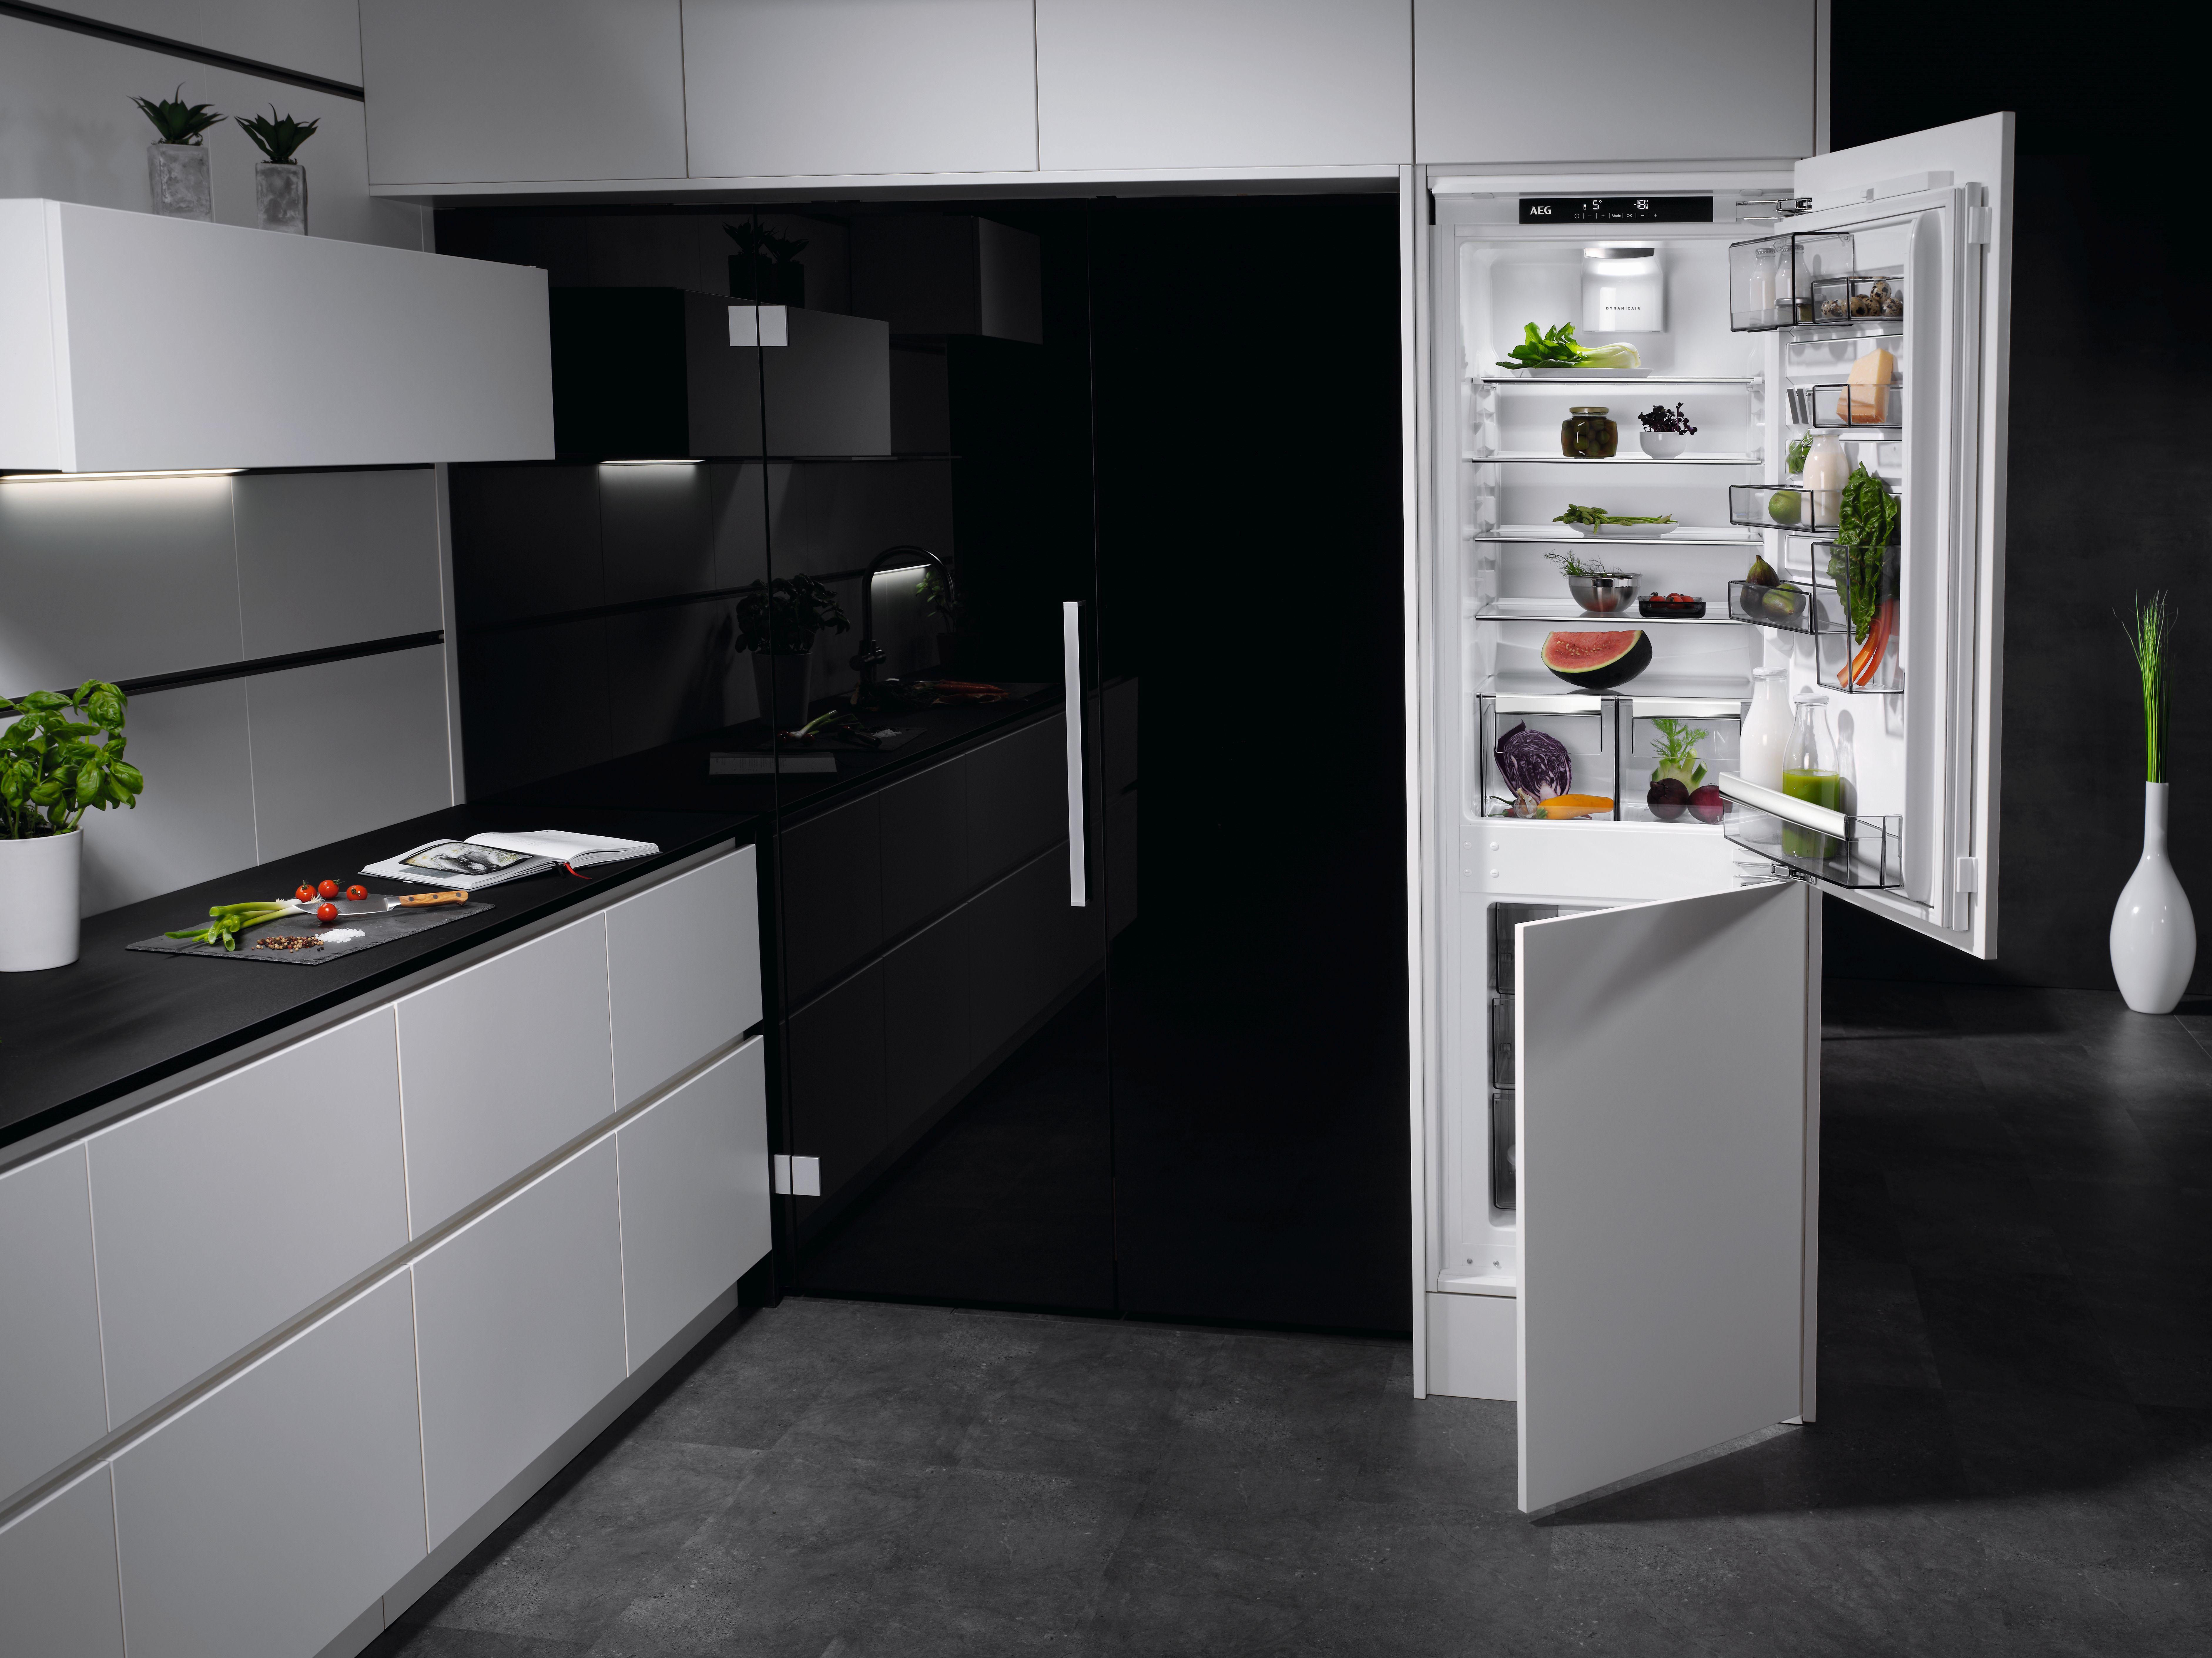 bc2d8514fd5a Plánujete novou kuchyni  Vyhněte se 5 nejčastějším chybám! - Proženy